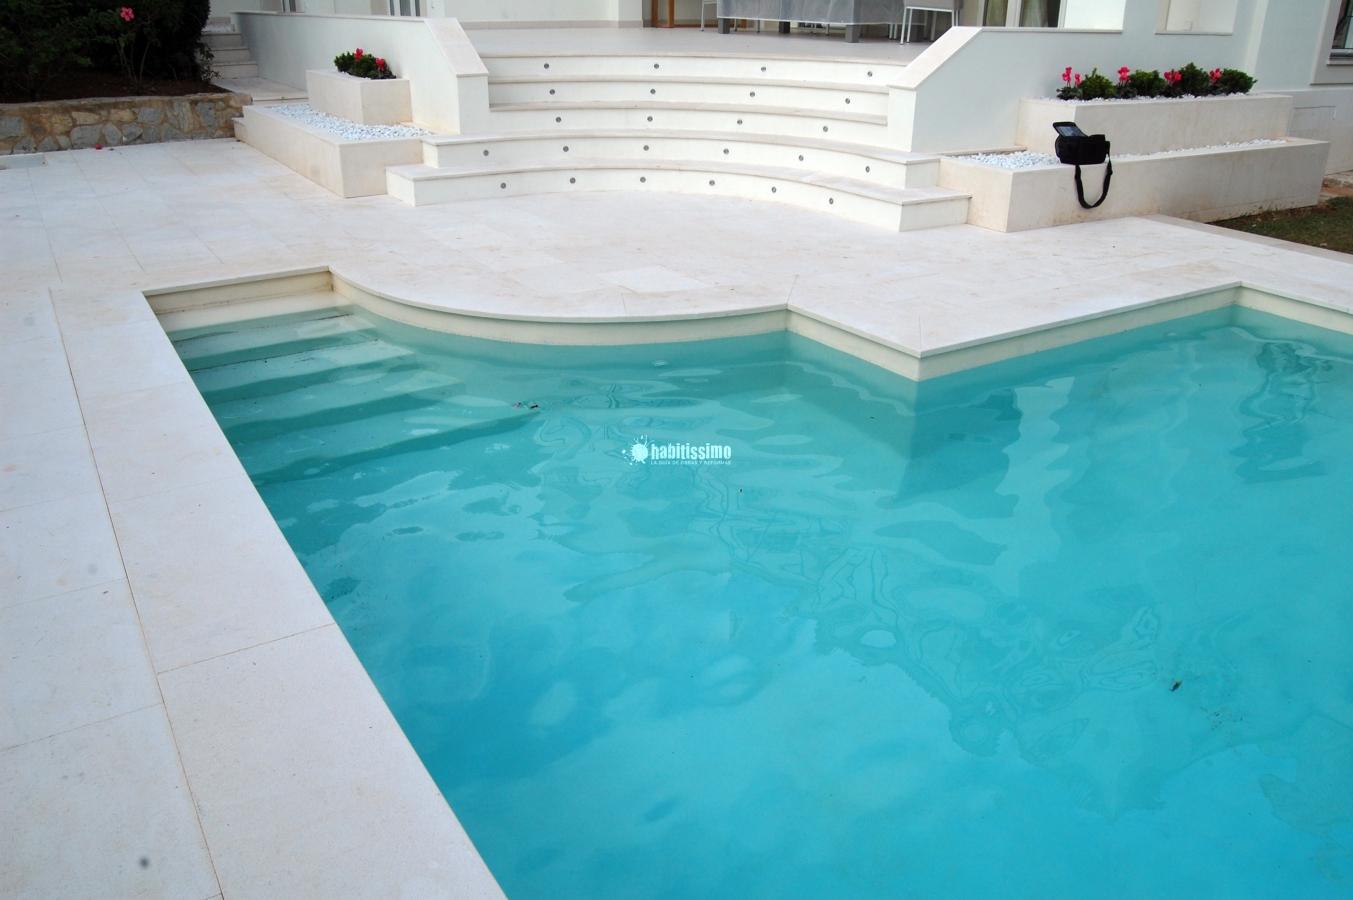 Microcemento en piscina y baños vivienda Son Vida